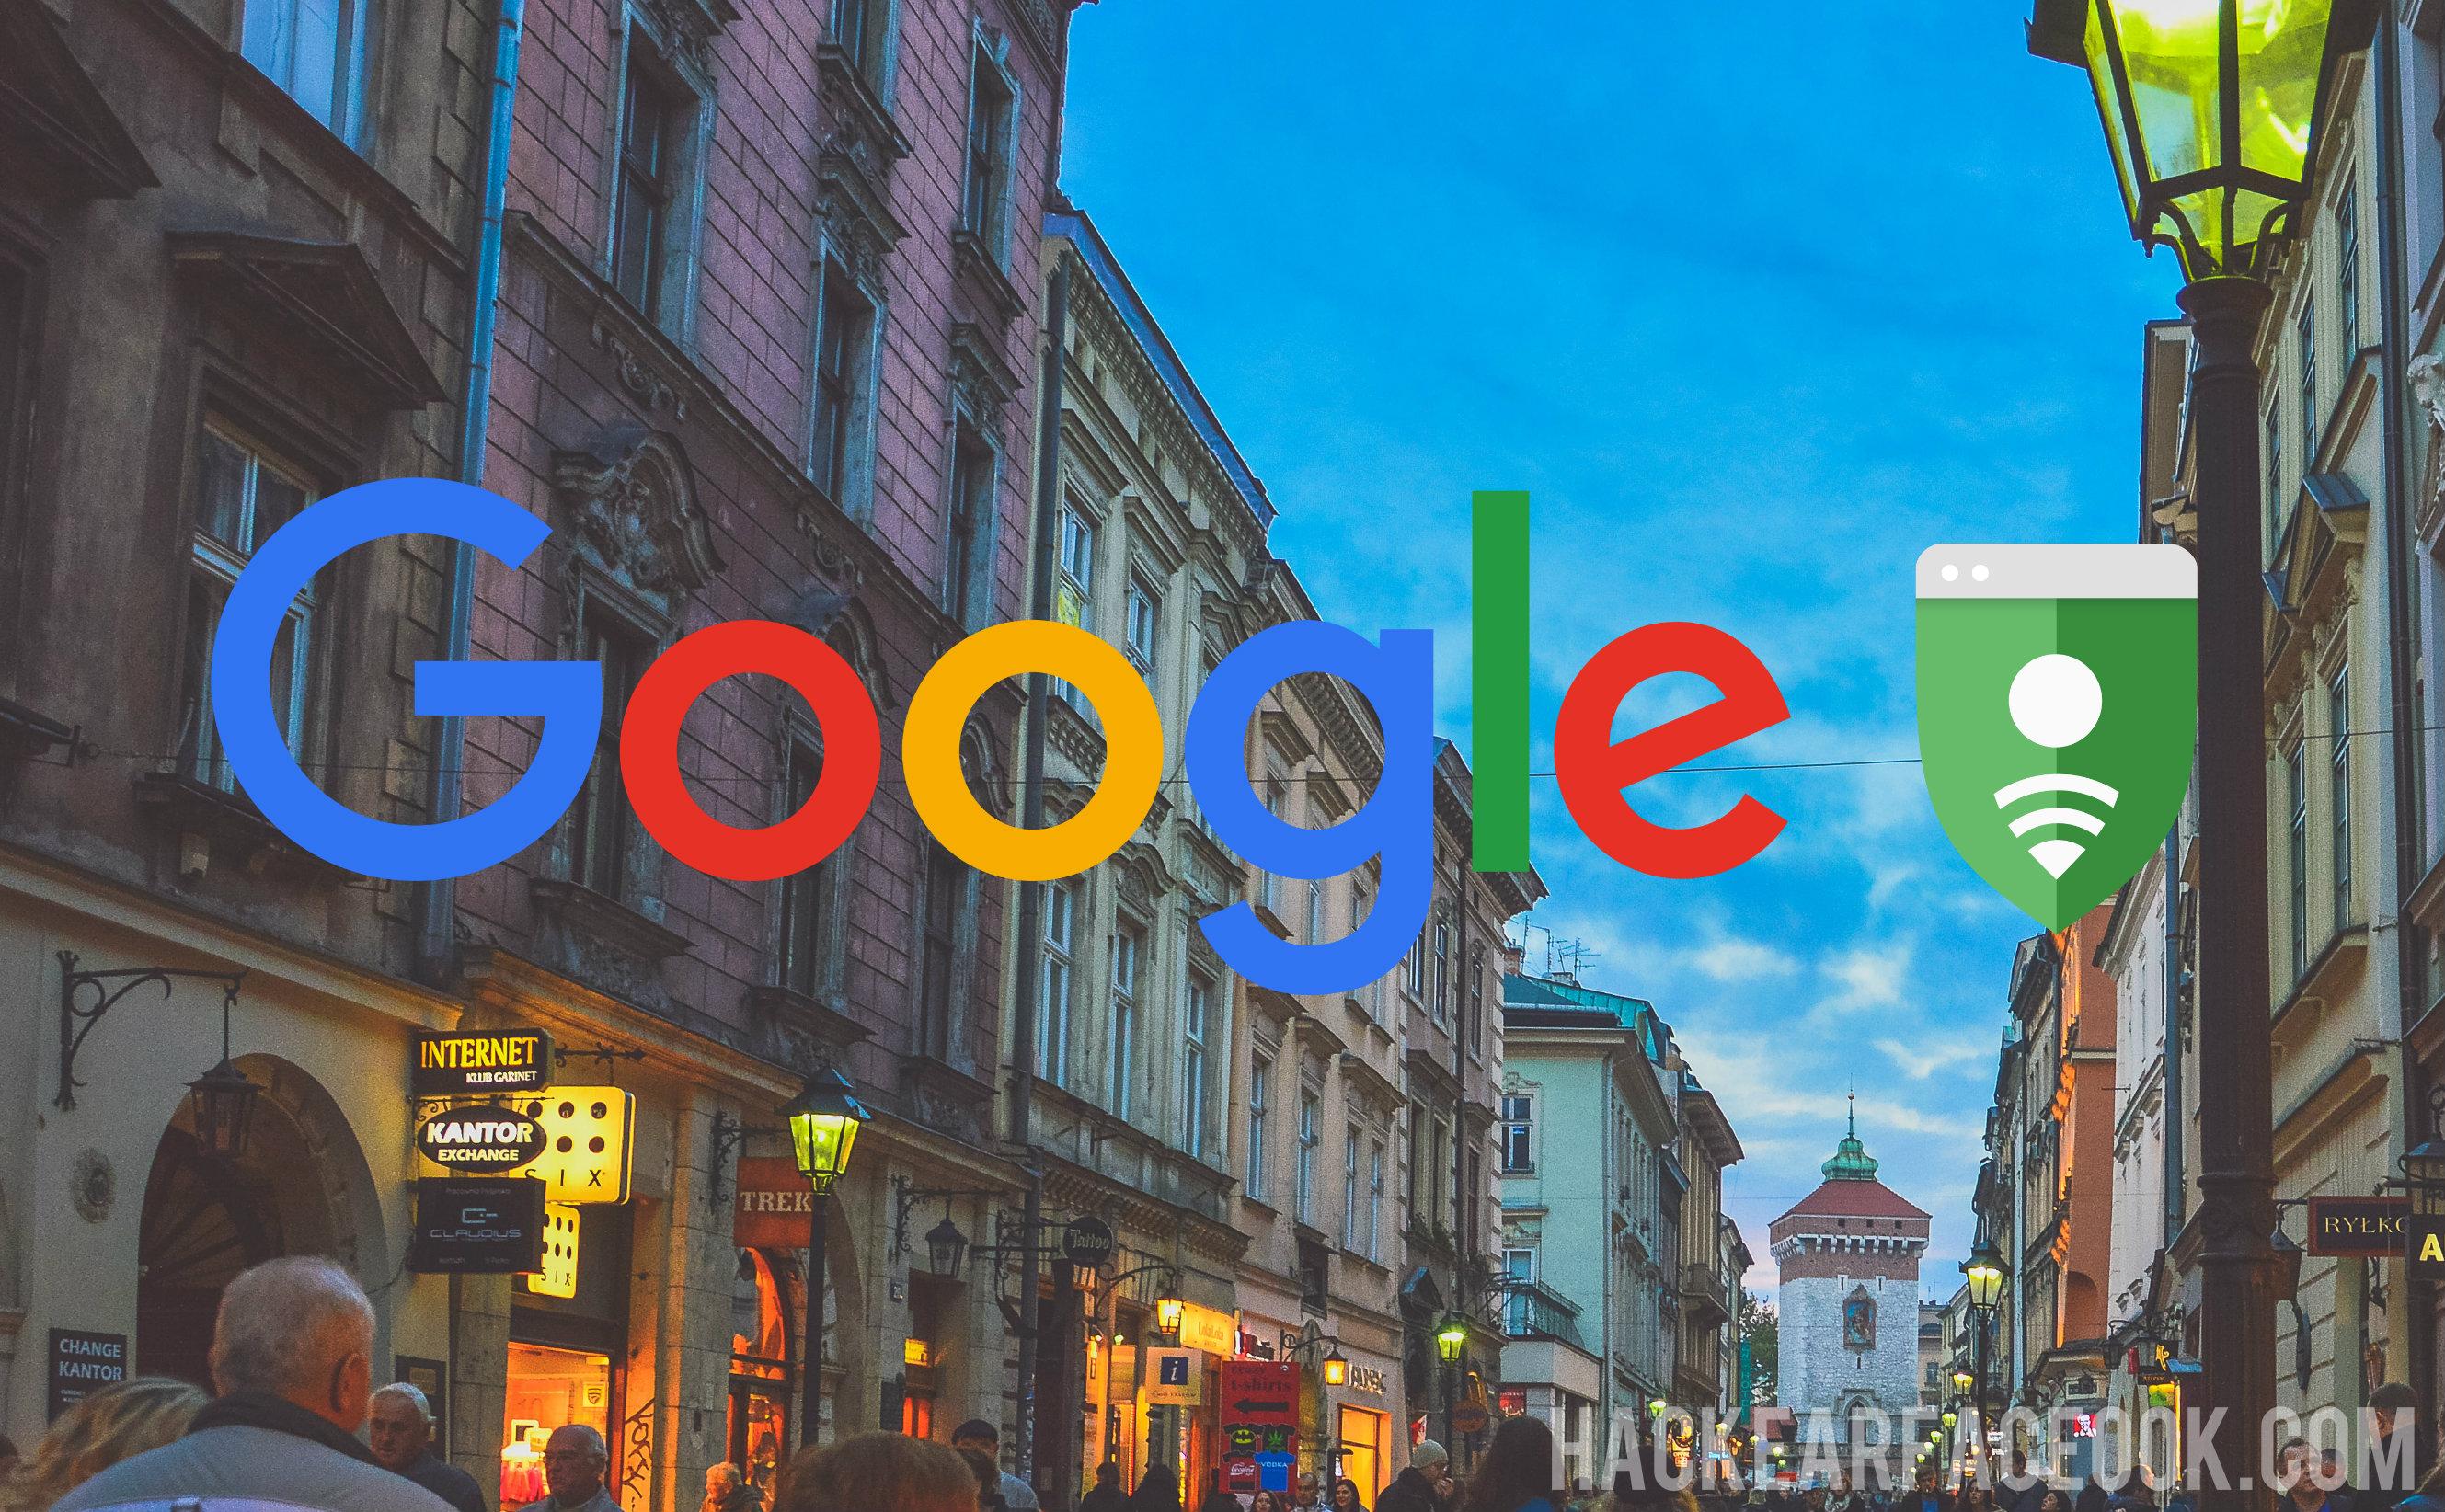 google-seguridadweb-hackearfaceook